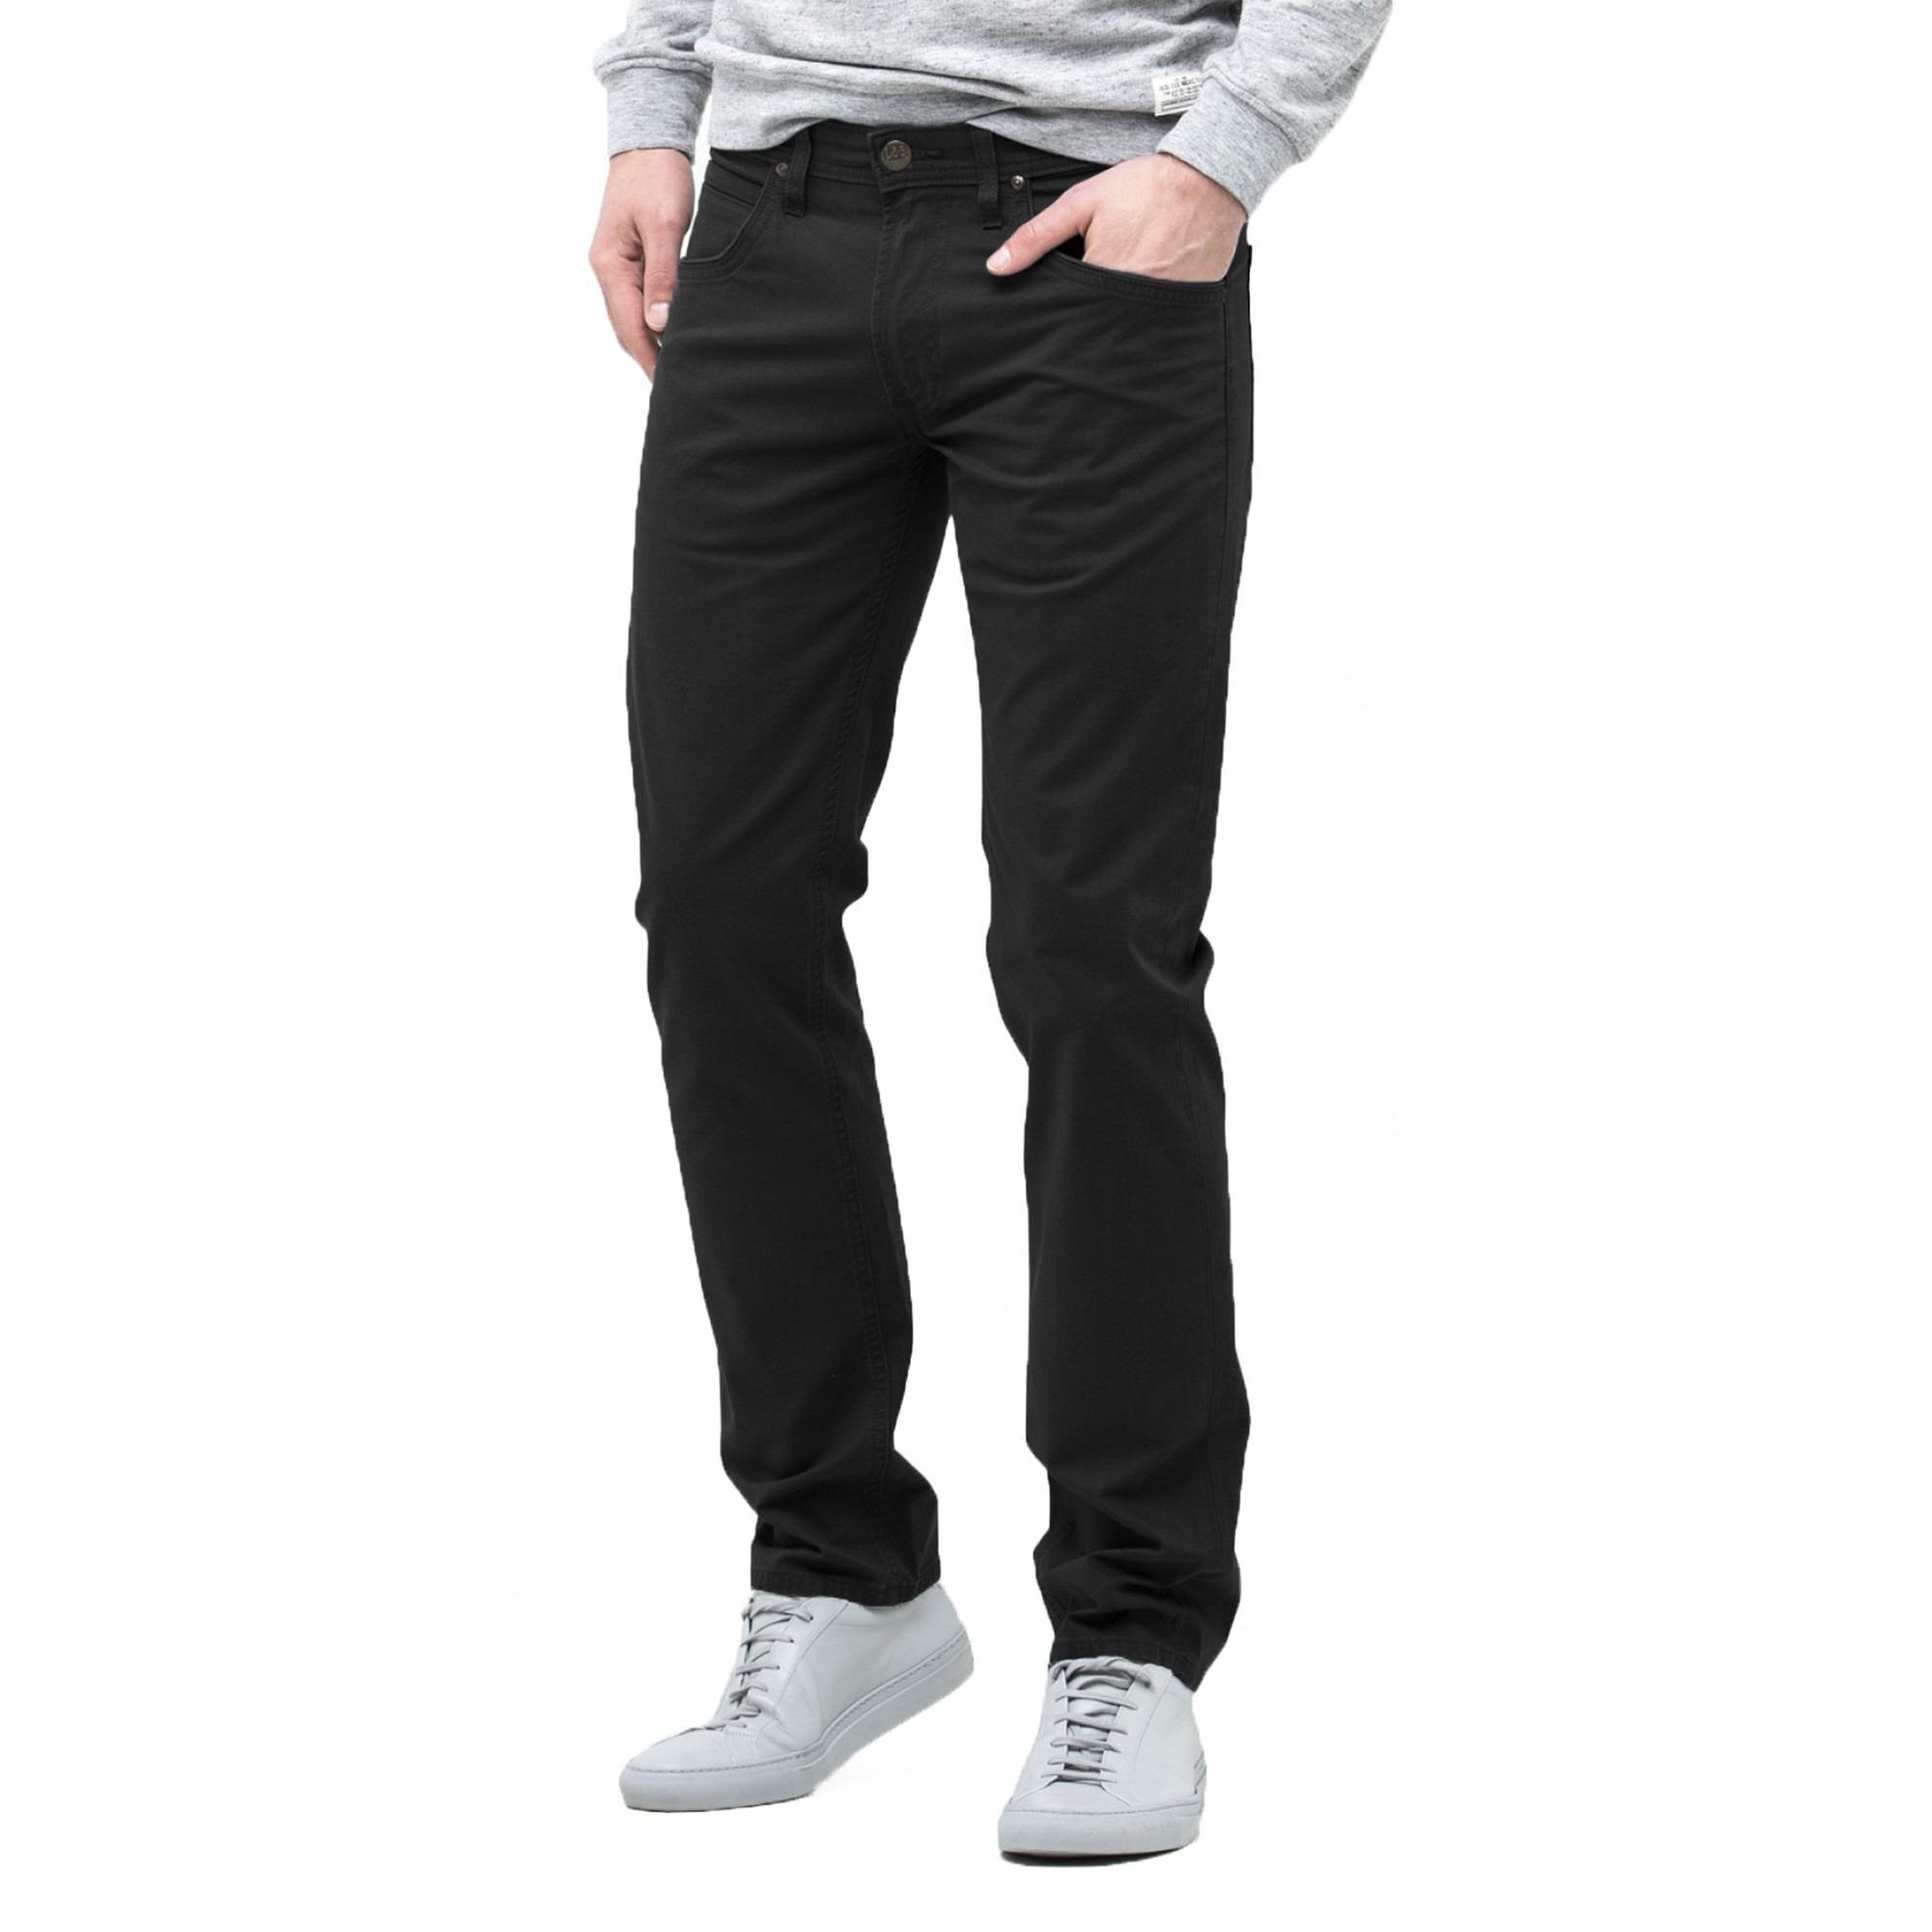 Chino Jeans lee daren zip regular slim chino jeans black ZUMCUFI